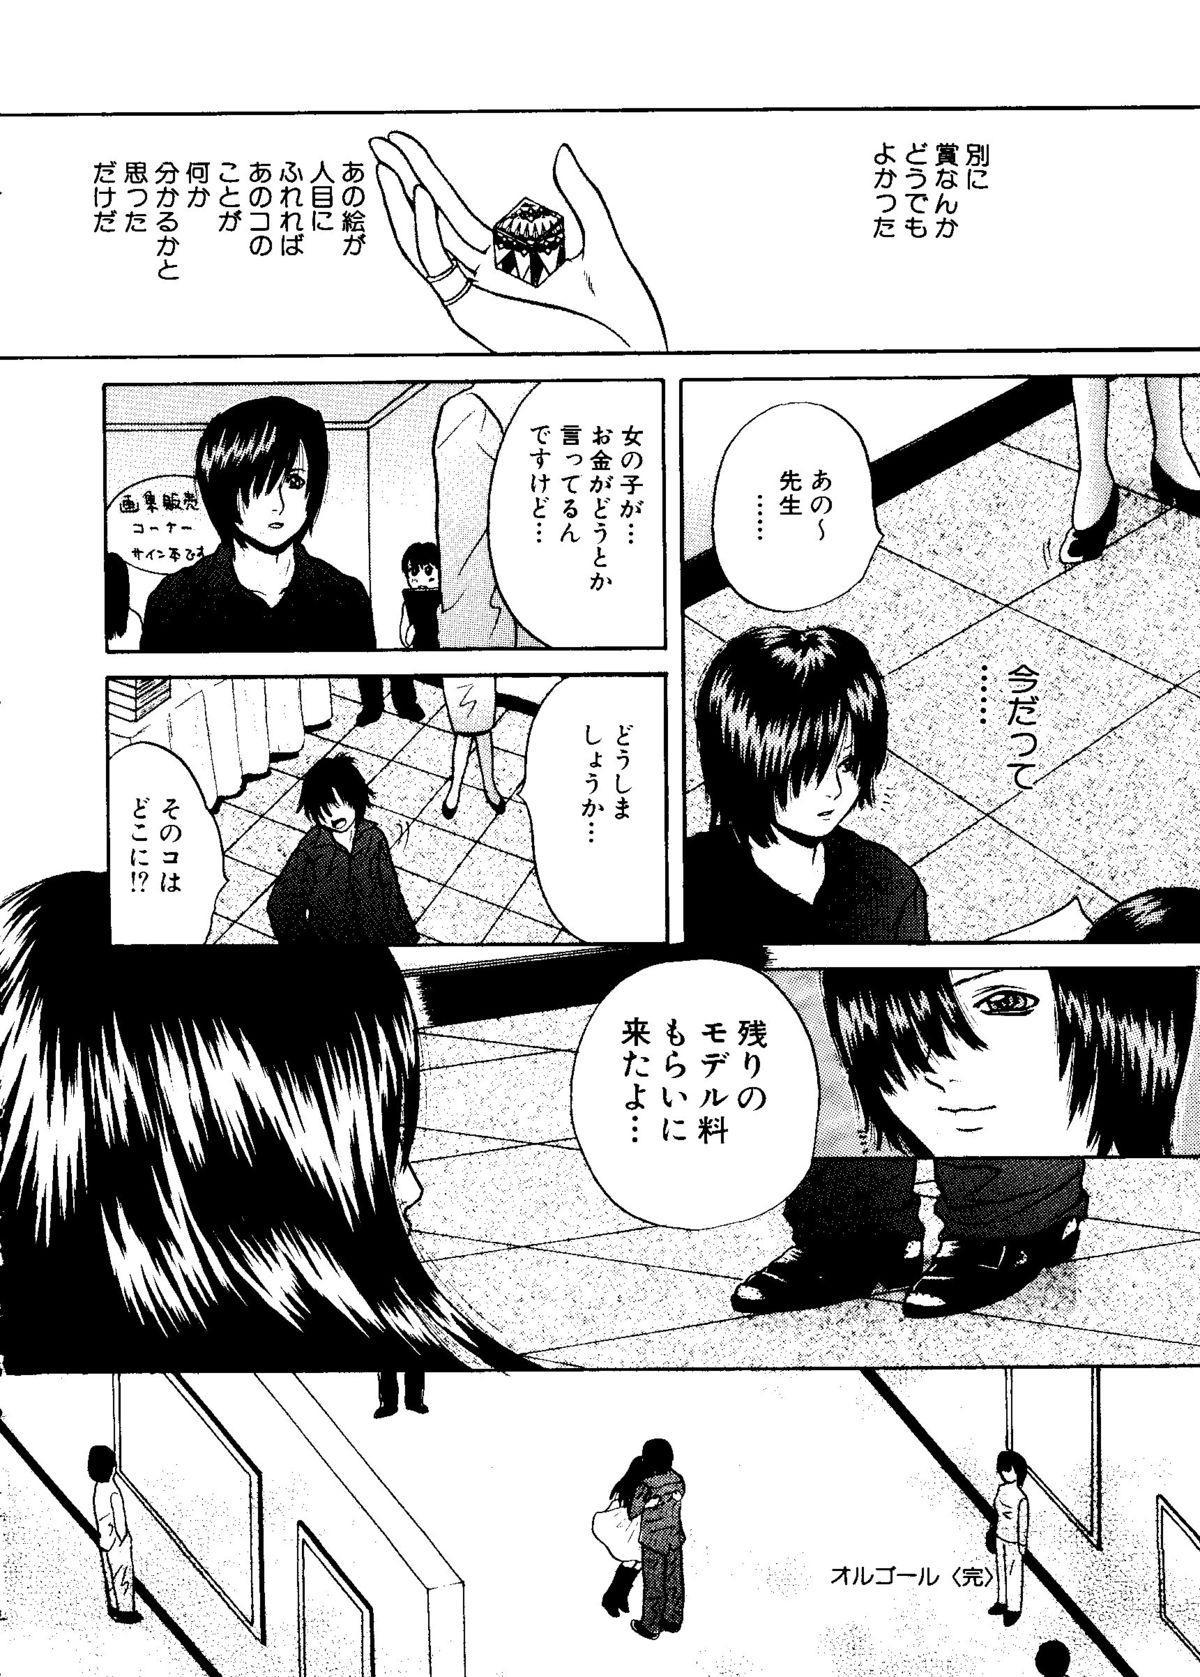 Mujirushi Youhin Vol. 7 40